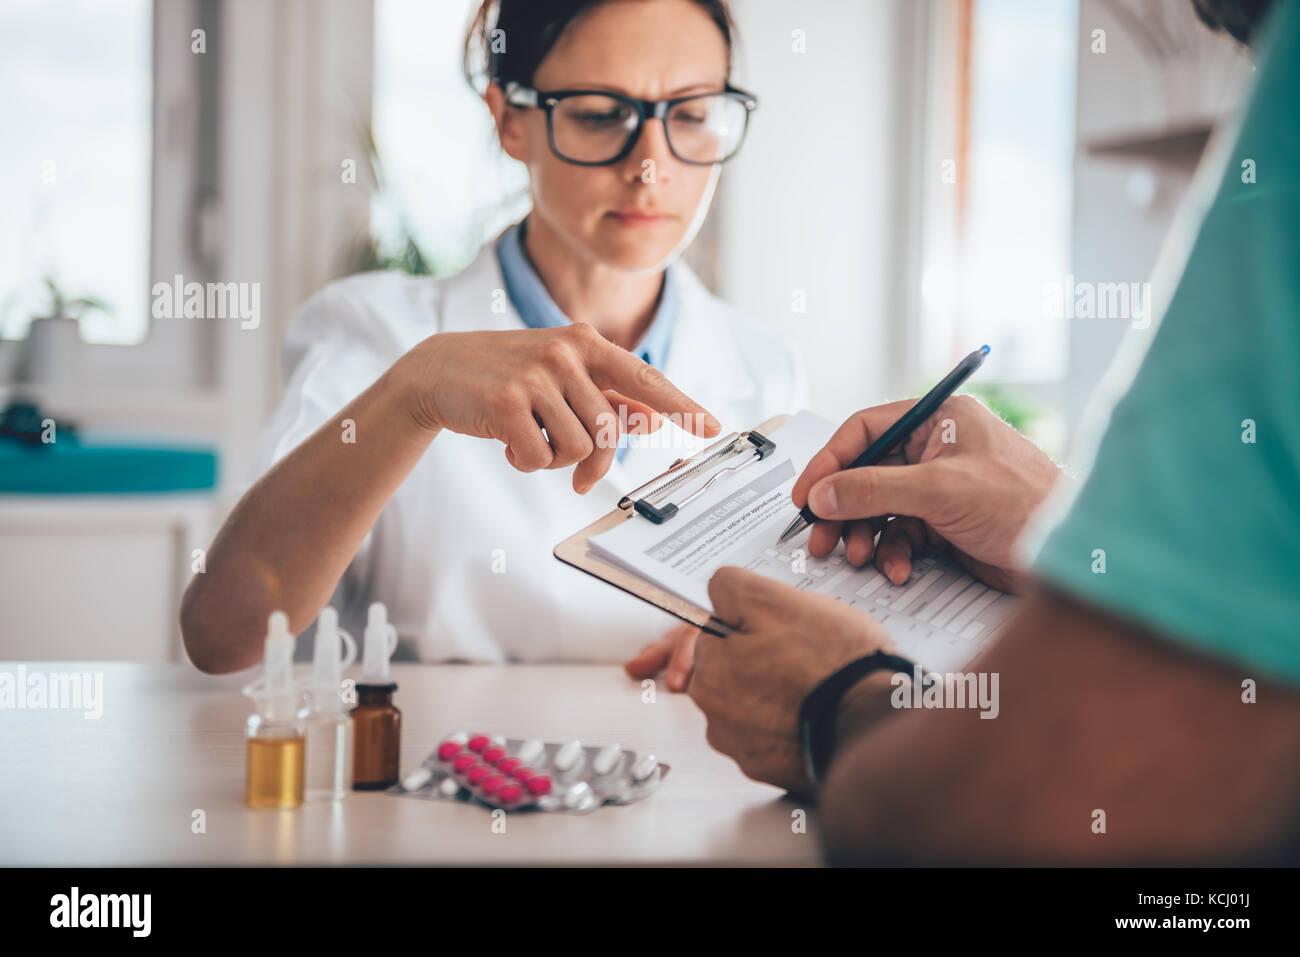 Dépôt patient Formulaire de demande d'assurance santé dans le bureau de médecins Photo Stock